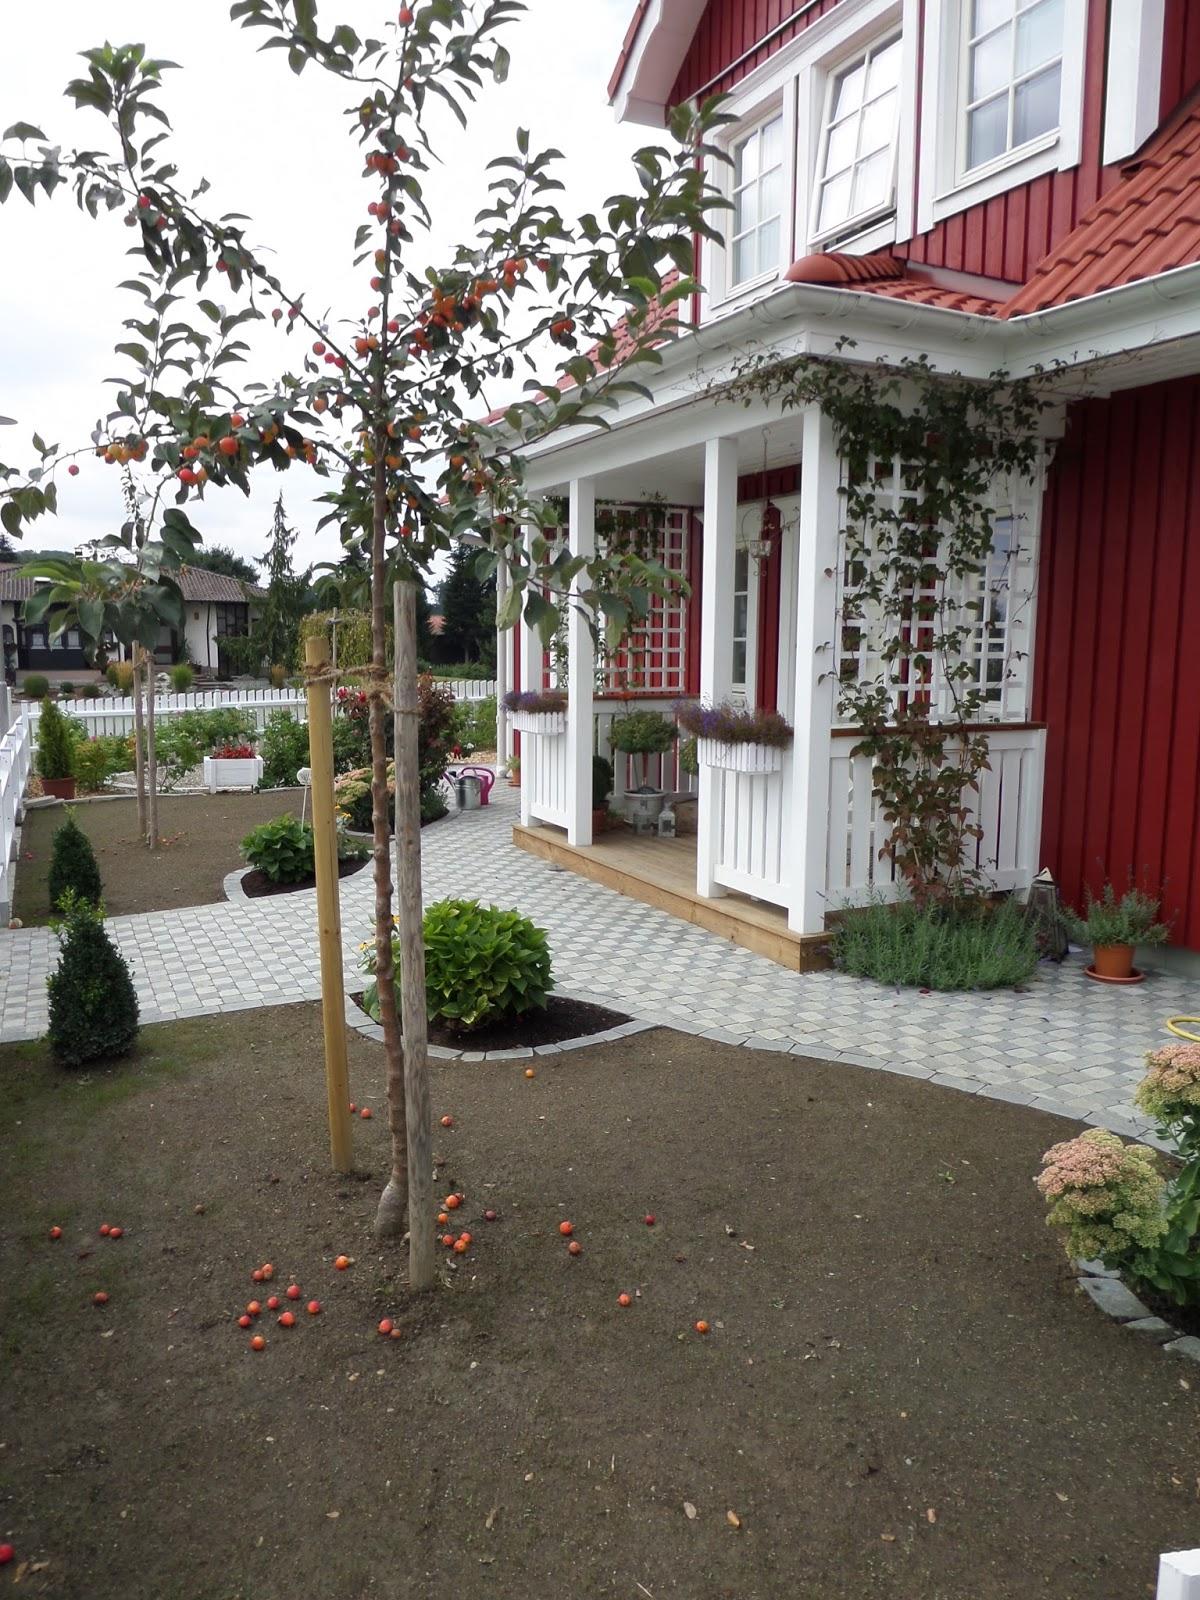 Kleine Lotta Unser Schwedenhaus Ein weißer Gartenzaun